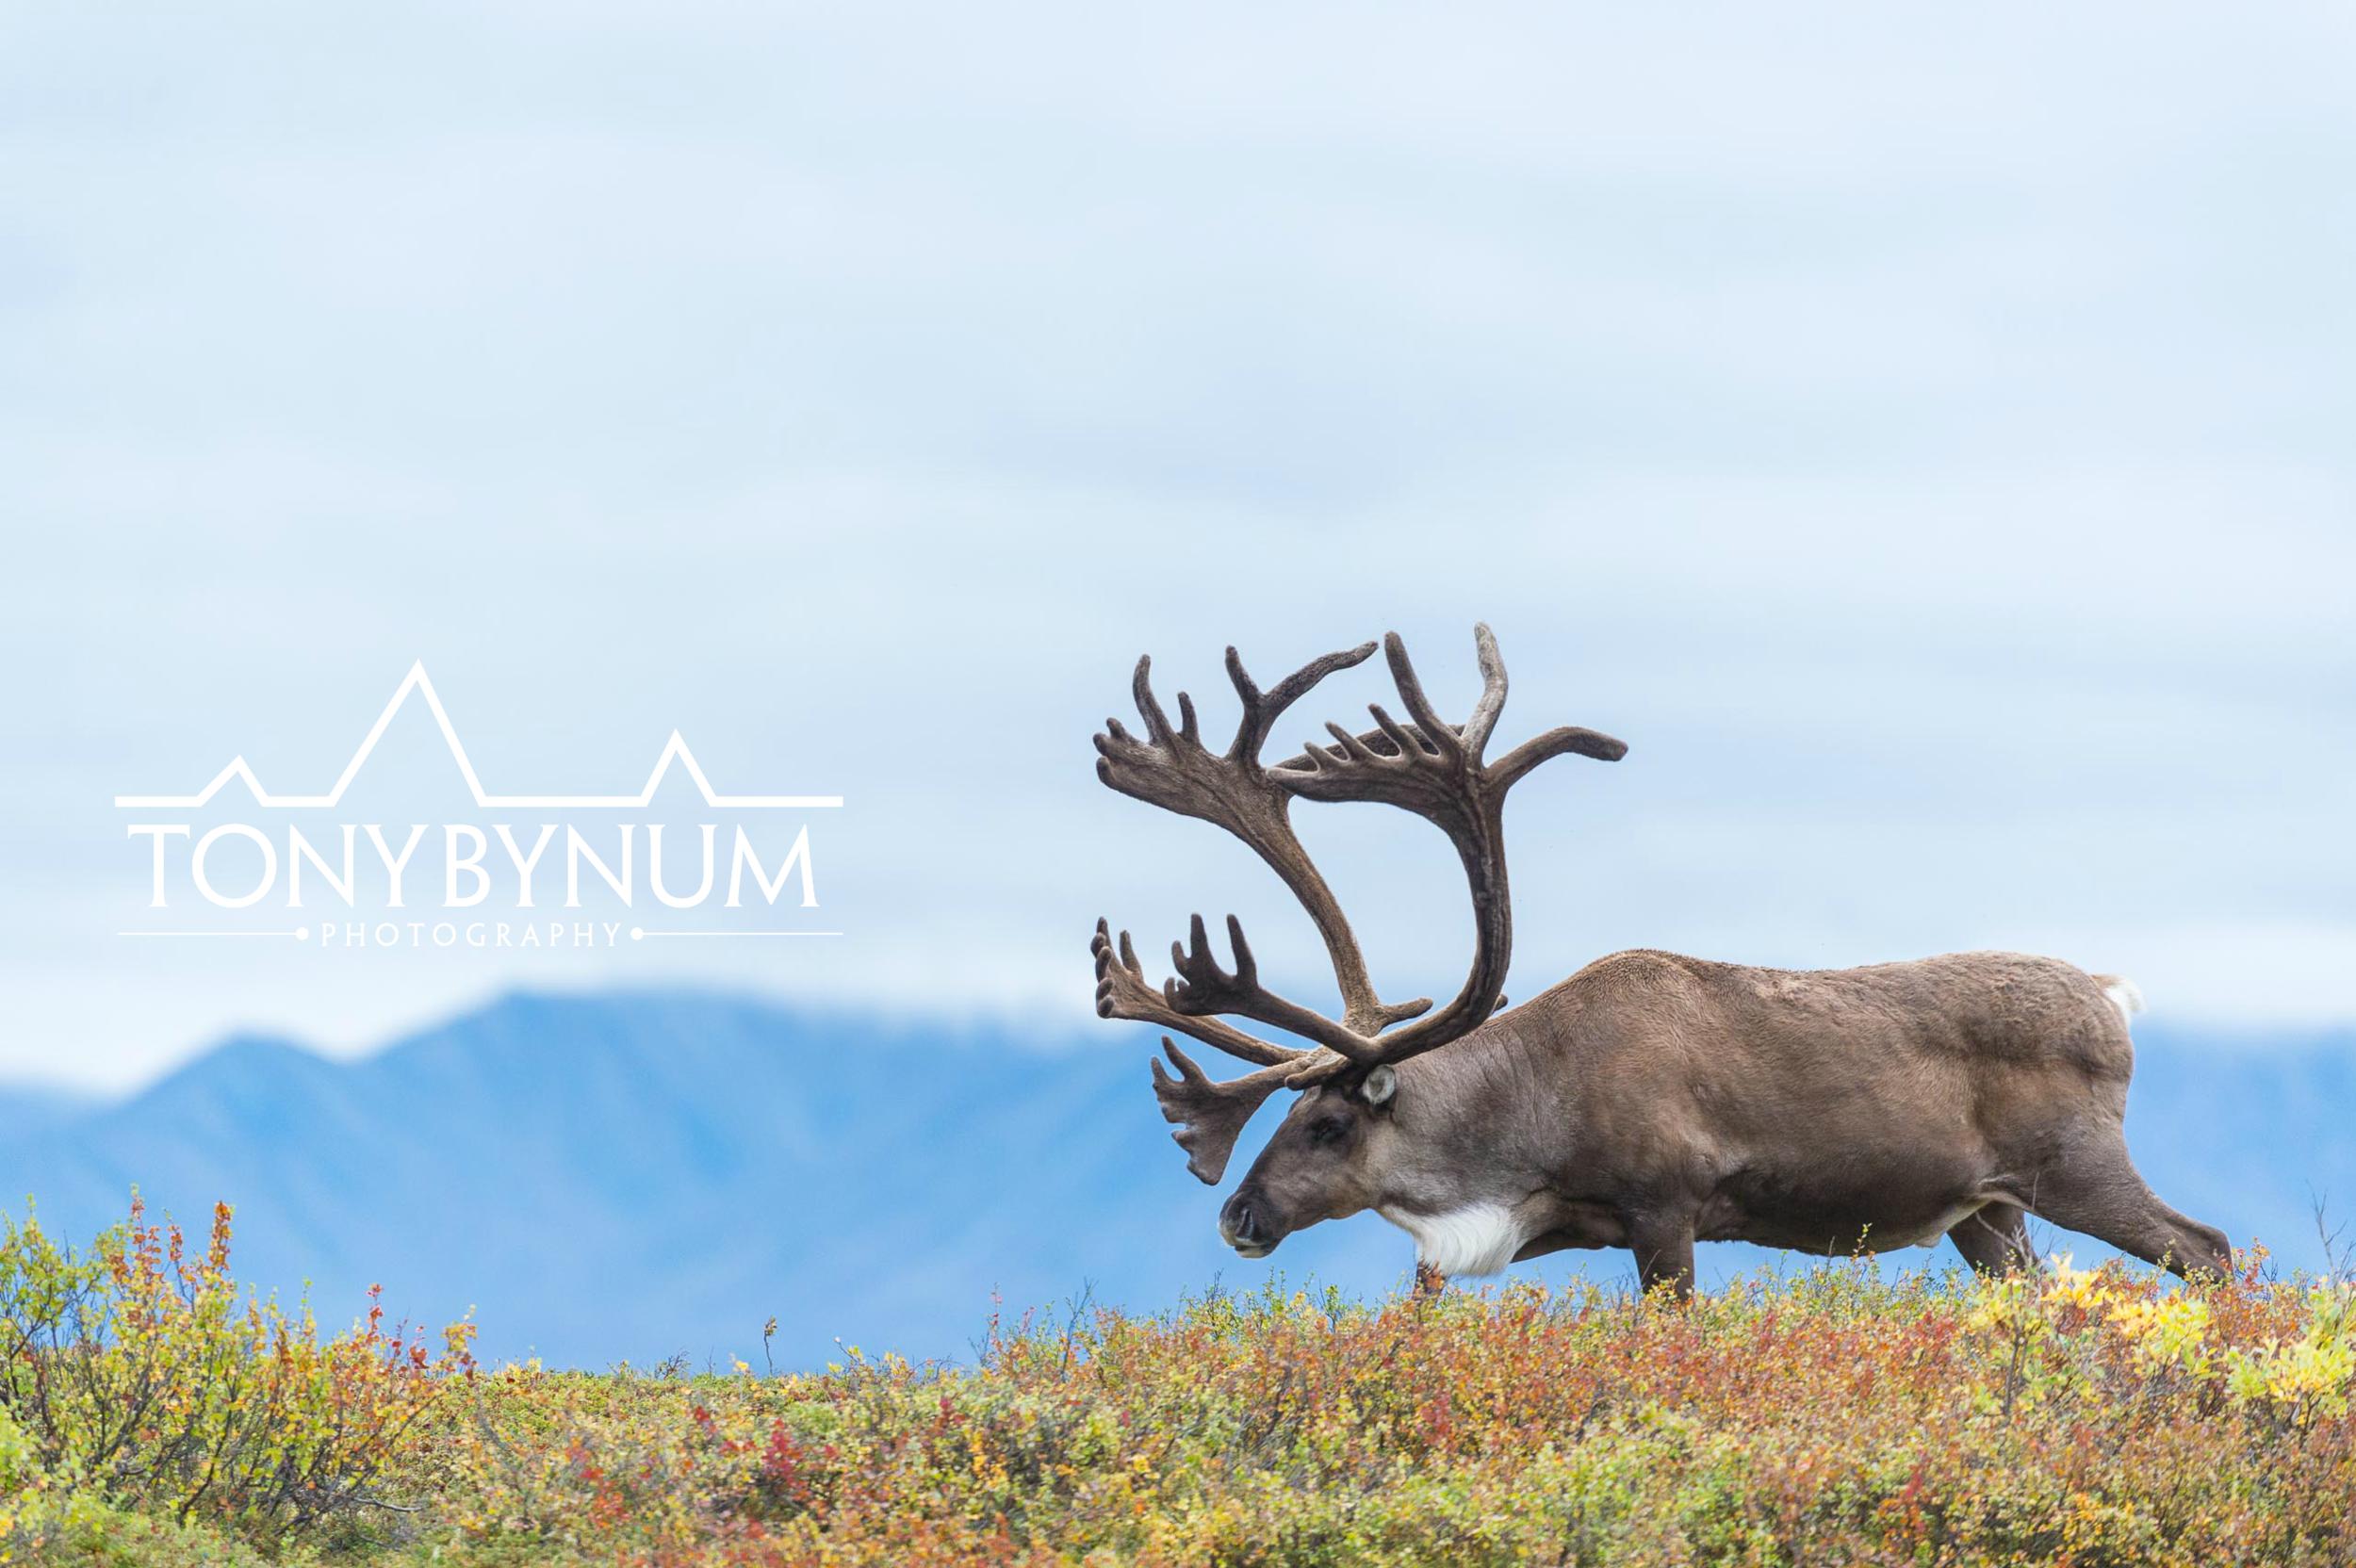 tony-bynum-caribou